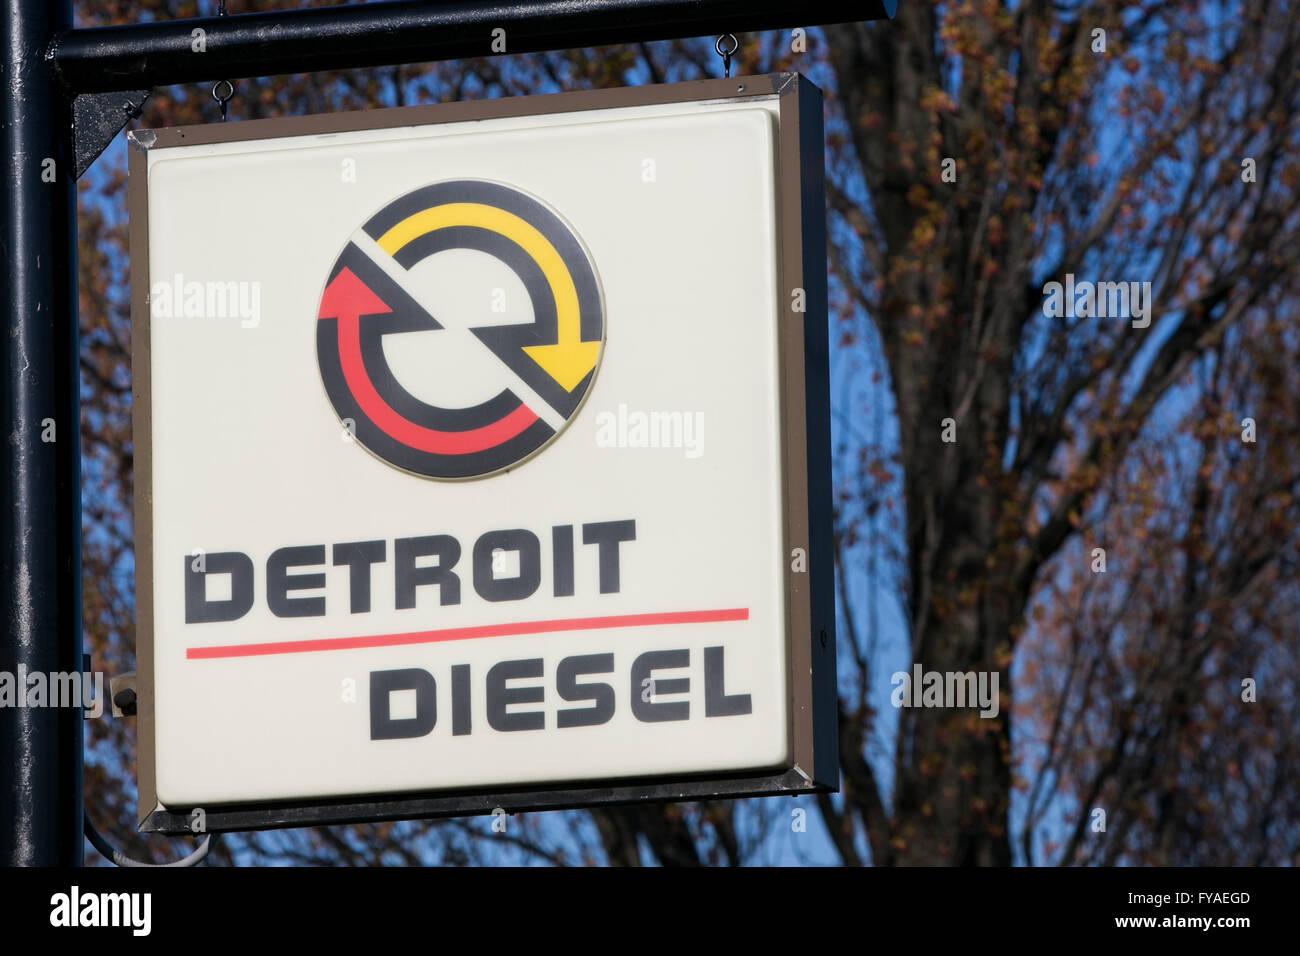 Detroit Diesel Stockfotos & Detroit Diesel Bilder - Alamy